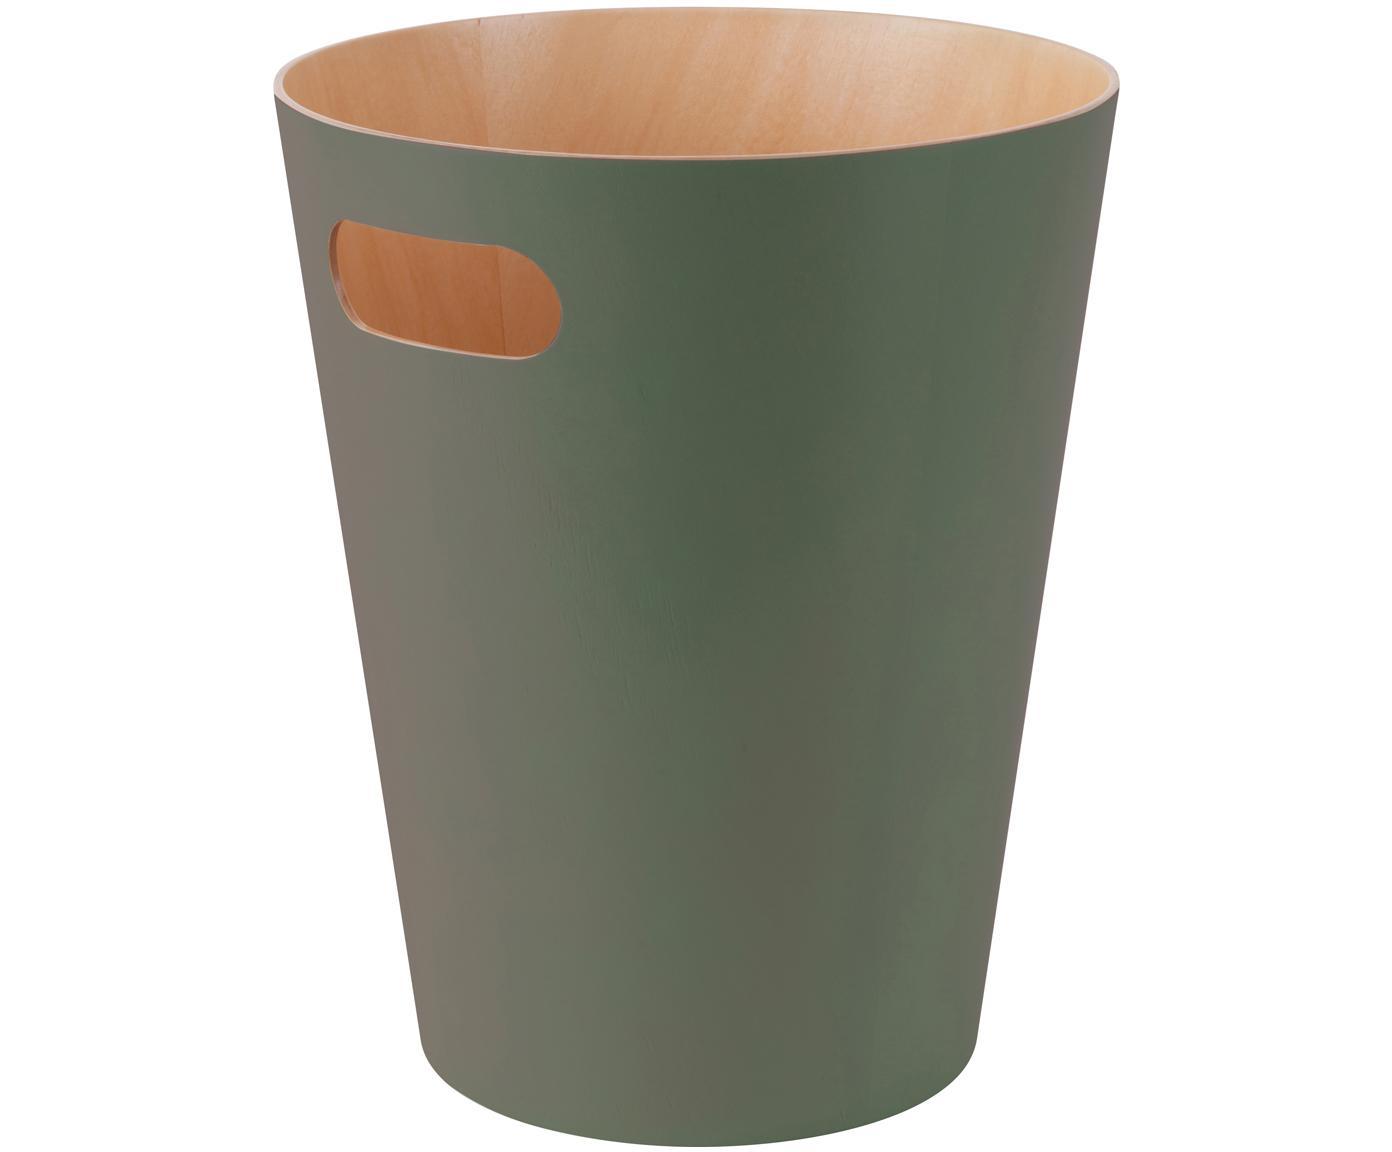 Papiermand Woodrow Can, Gelakt hout, Olijfgroen, Ø 23 x H 28 cm